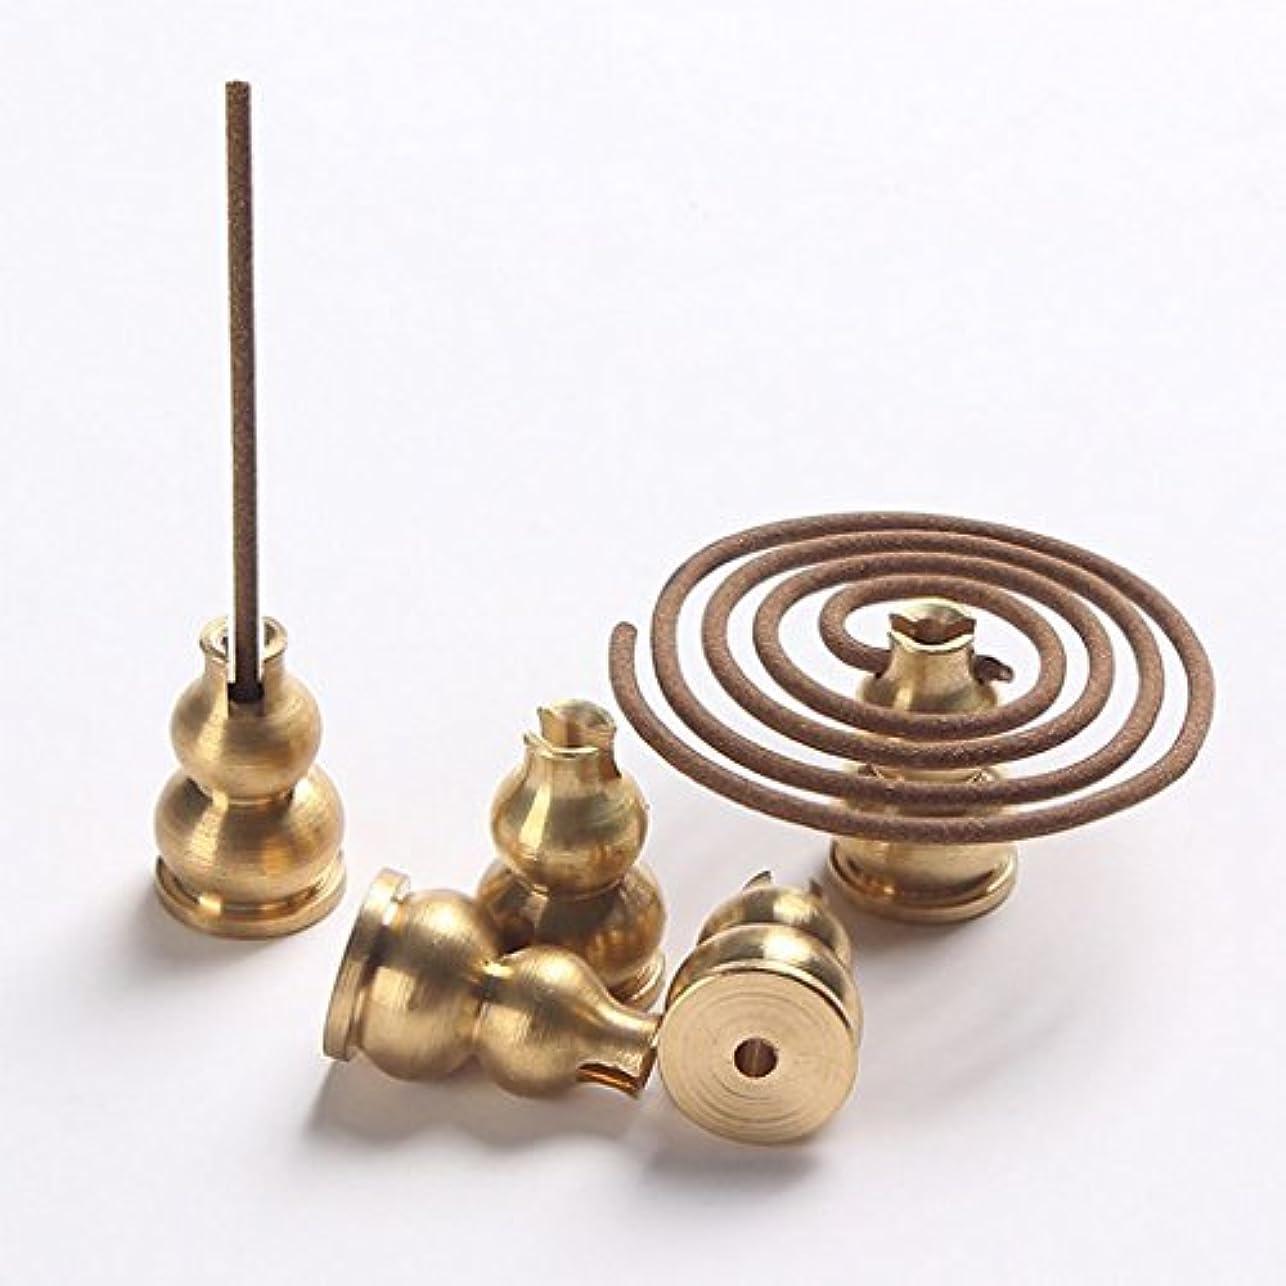 凝視緯度複雑なFutuHome 3mm真鍮のひょうたんバーナーホルダーキャッチャーコイルの棒の香